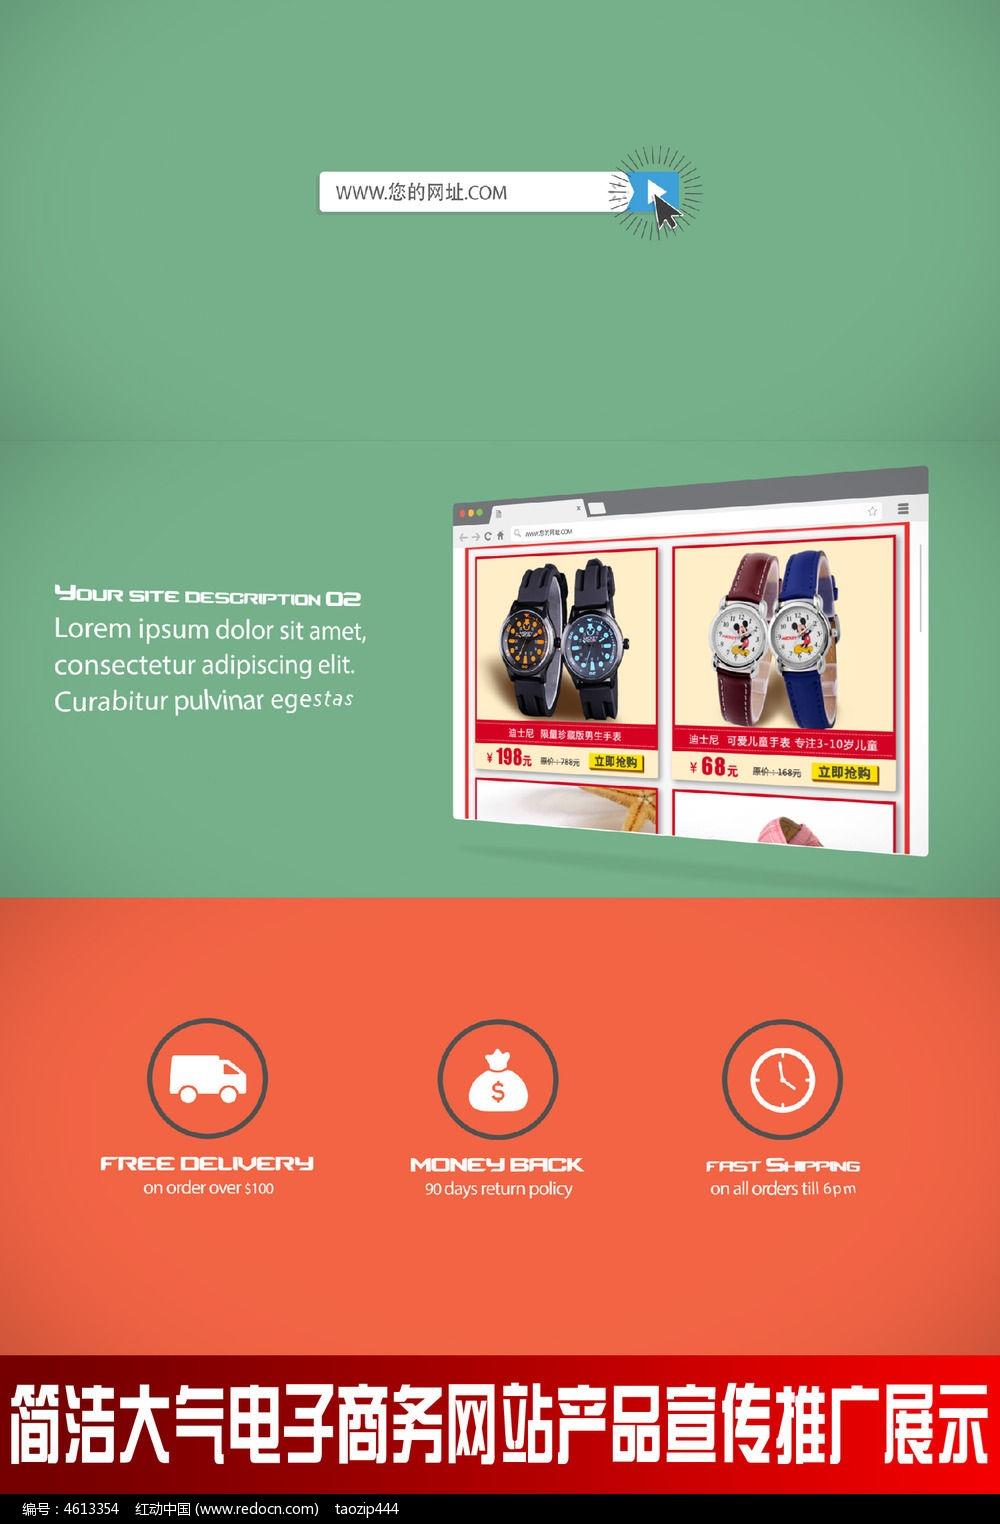 电子商务网站产品宣传推广视频ae模板